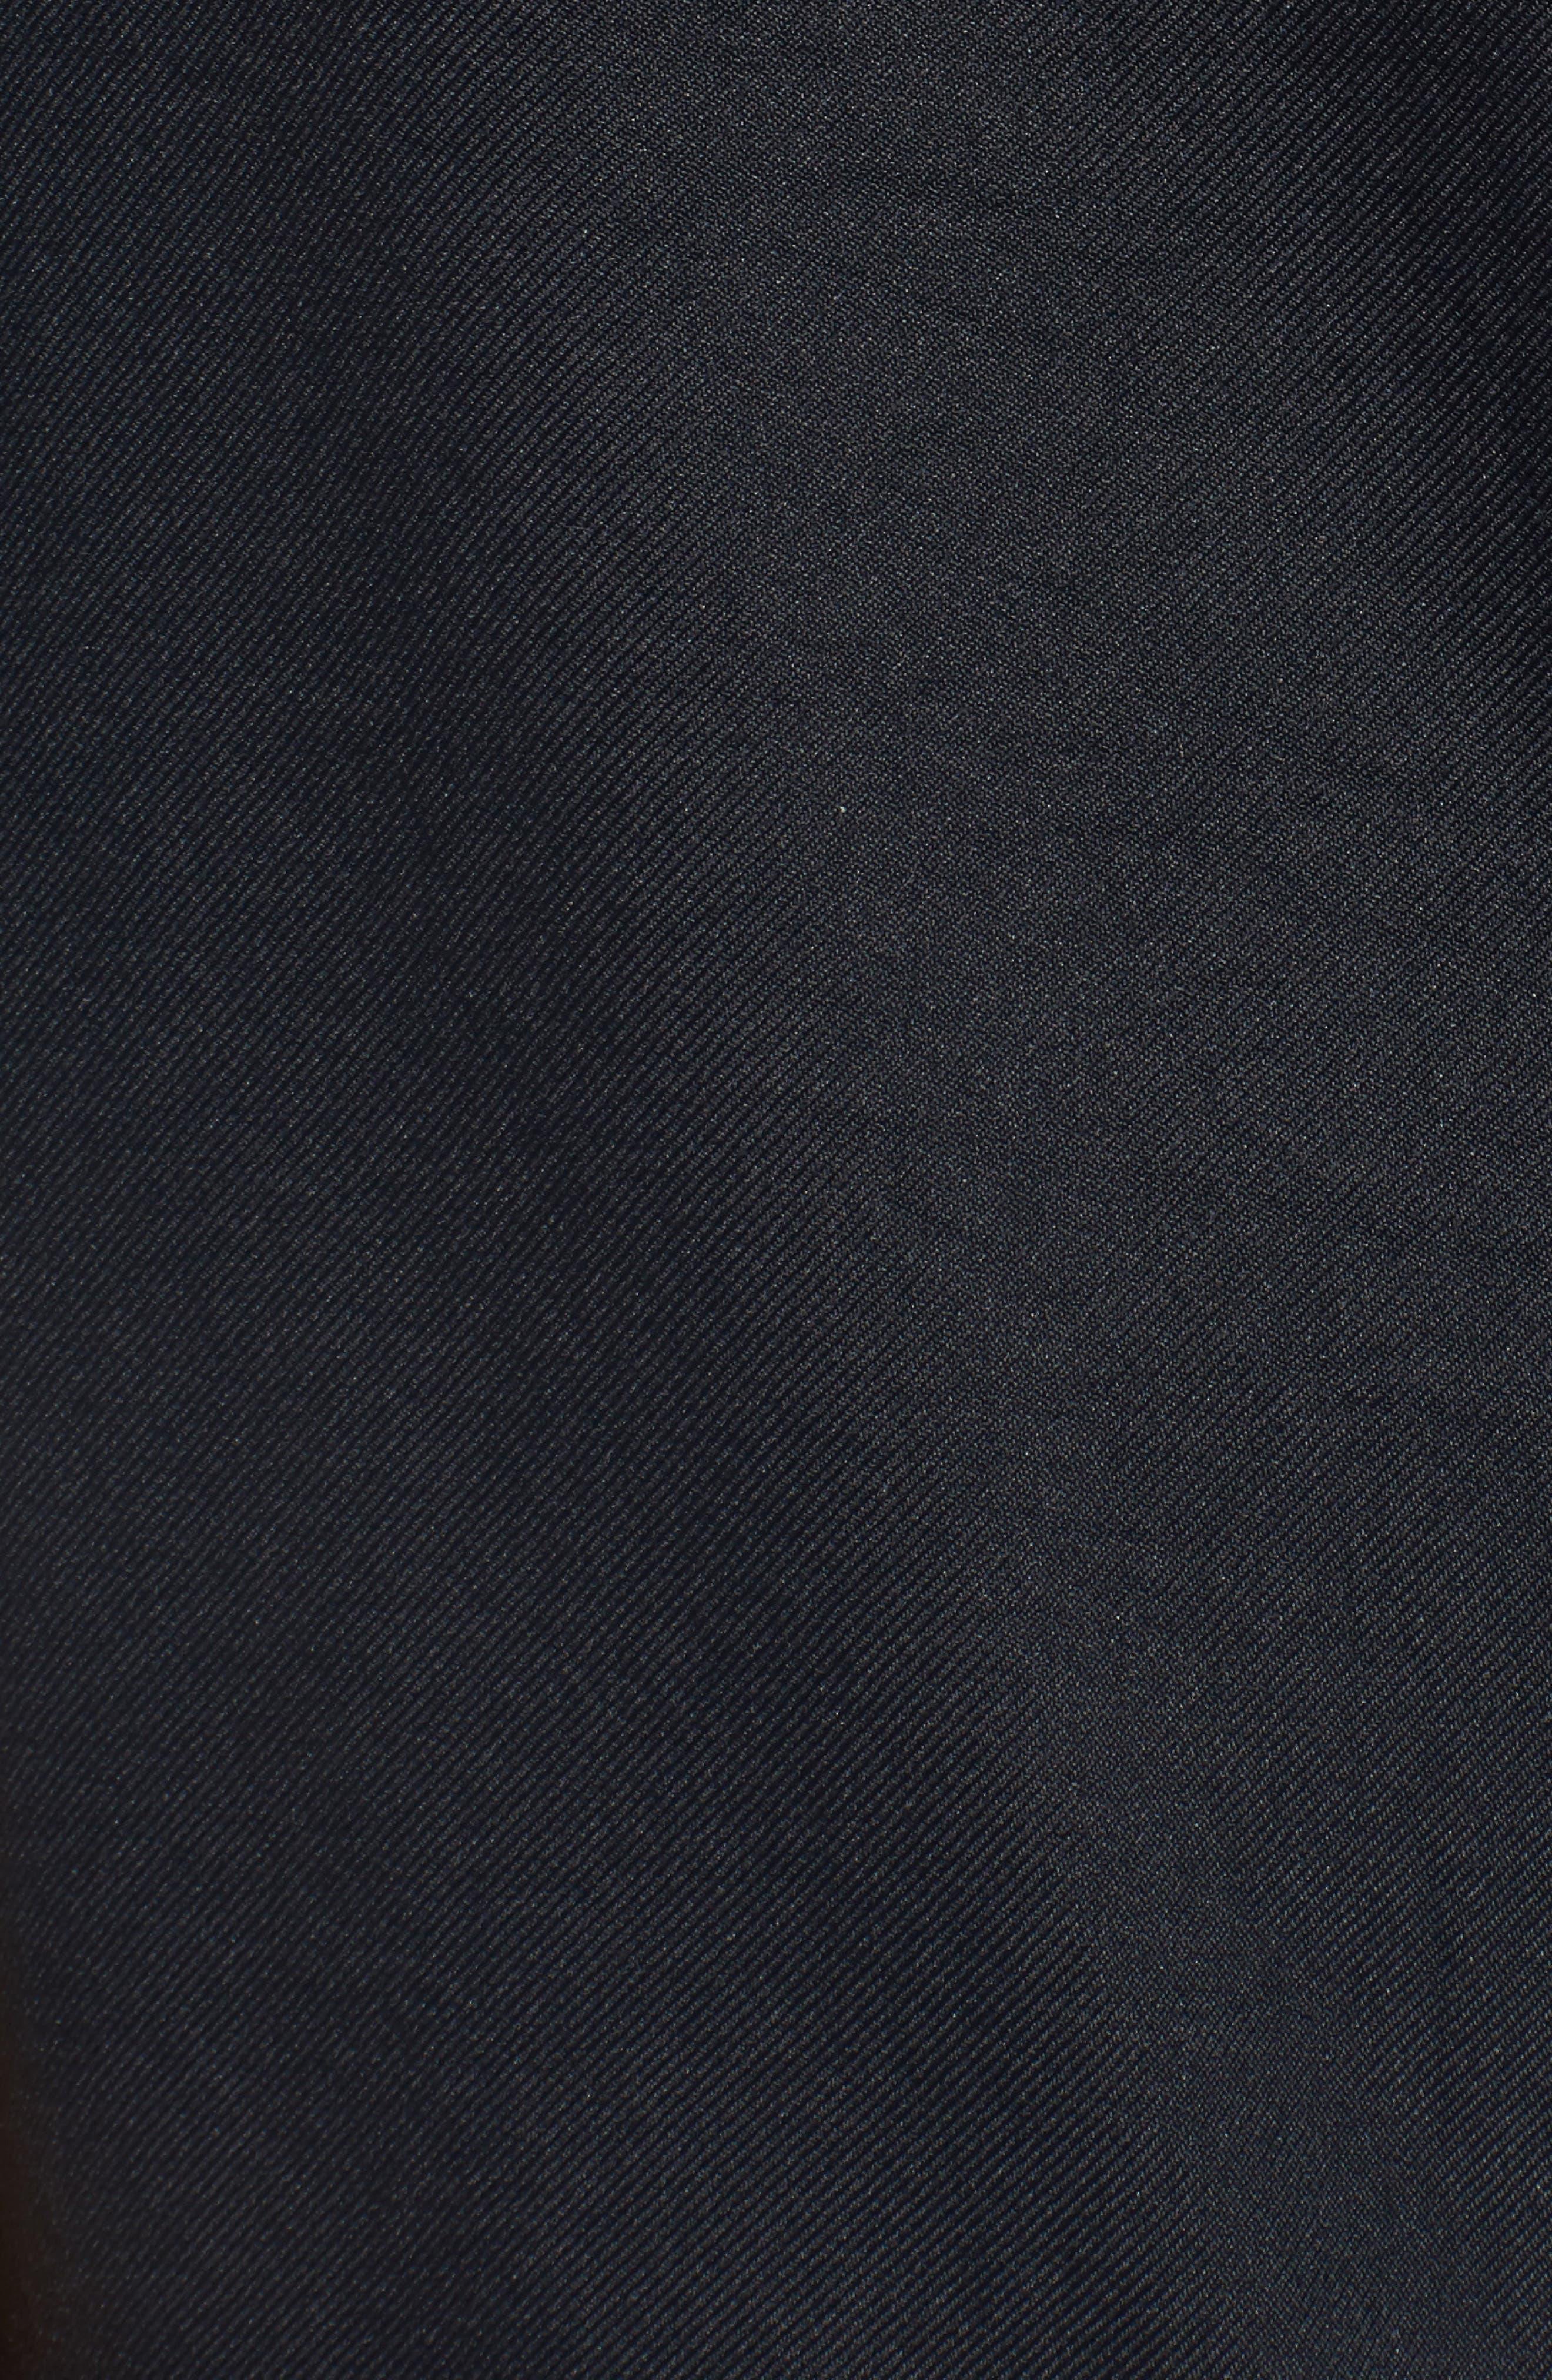 Zip Cocoon Dress,                             Alternate thumbnail 5, color,                             Black